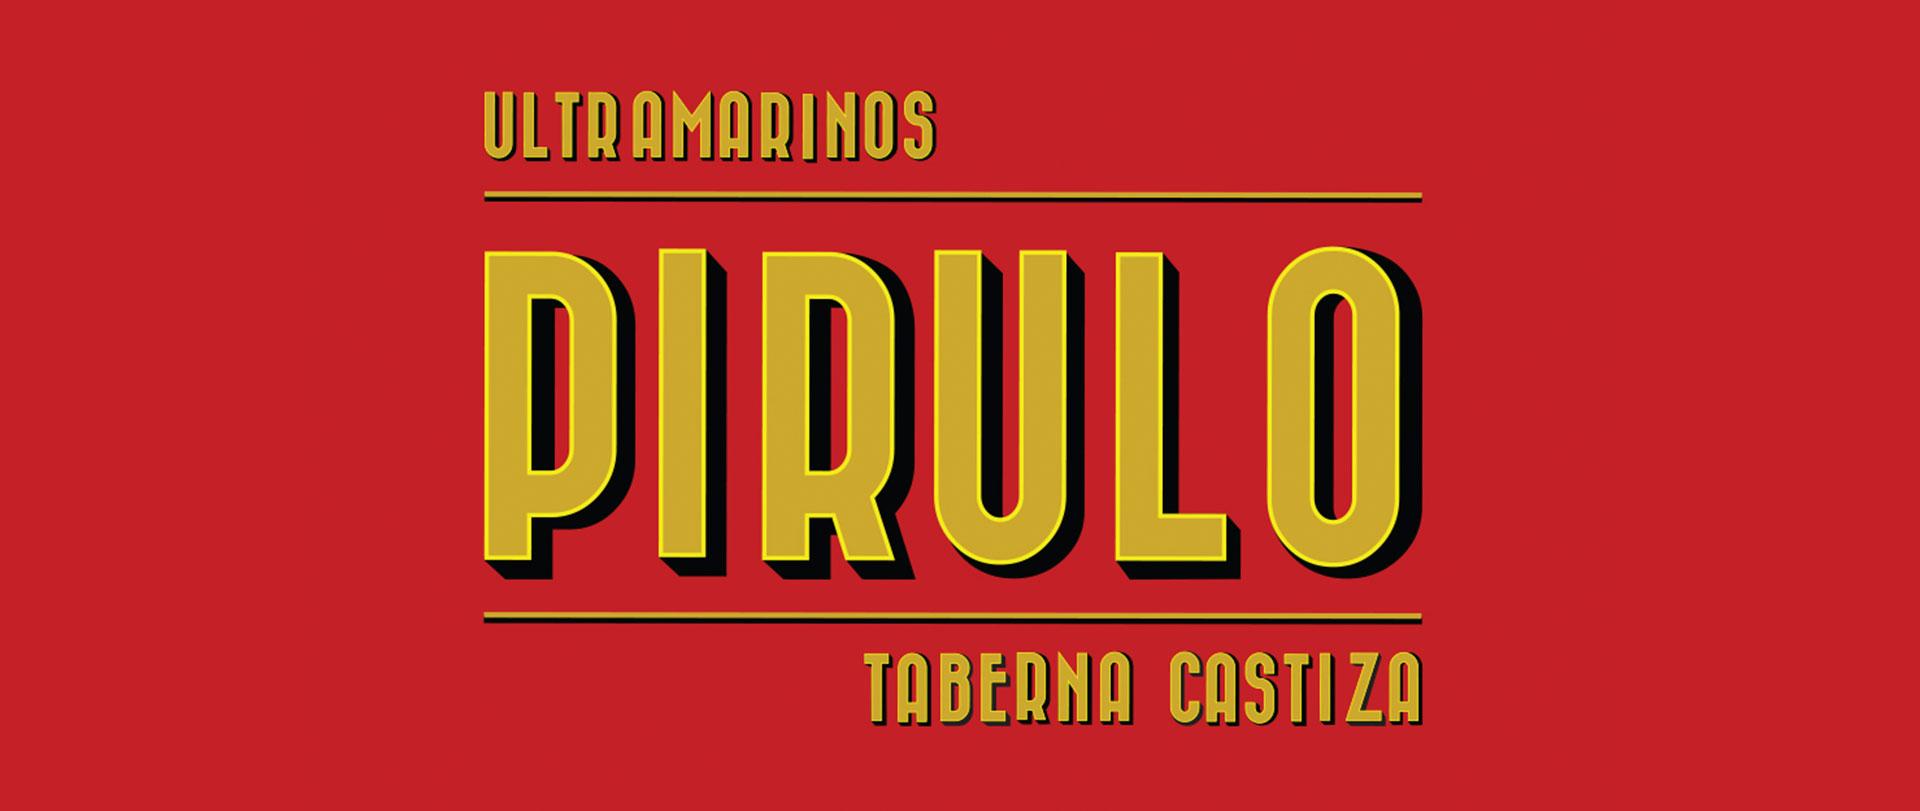 pirulo-background